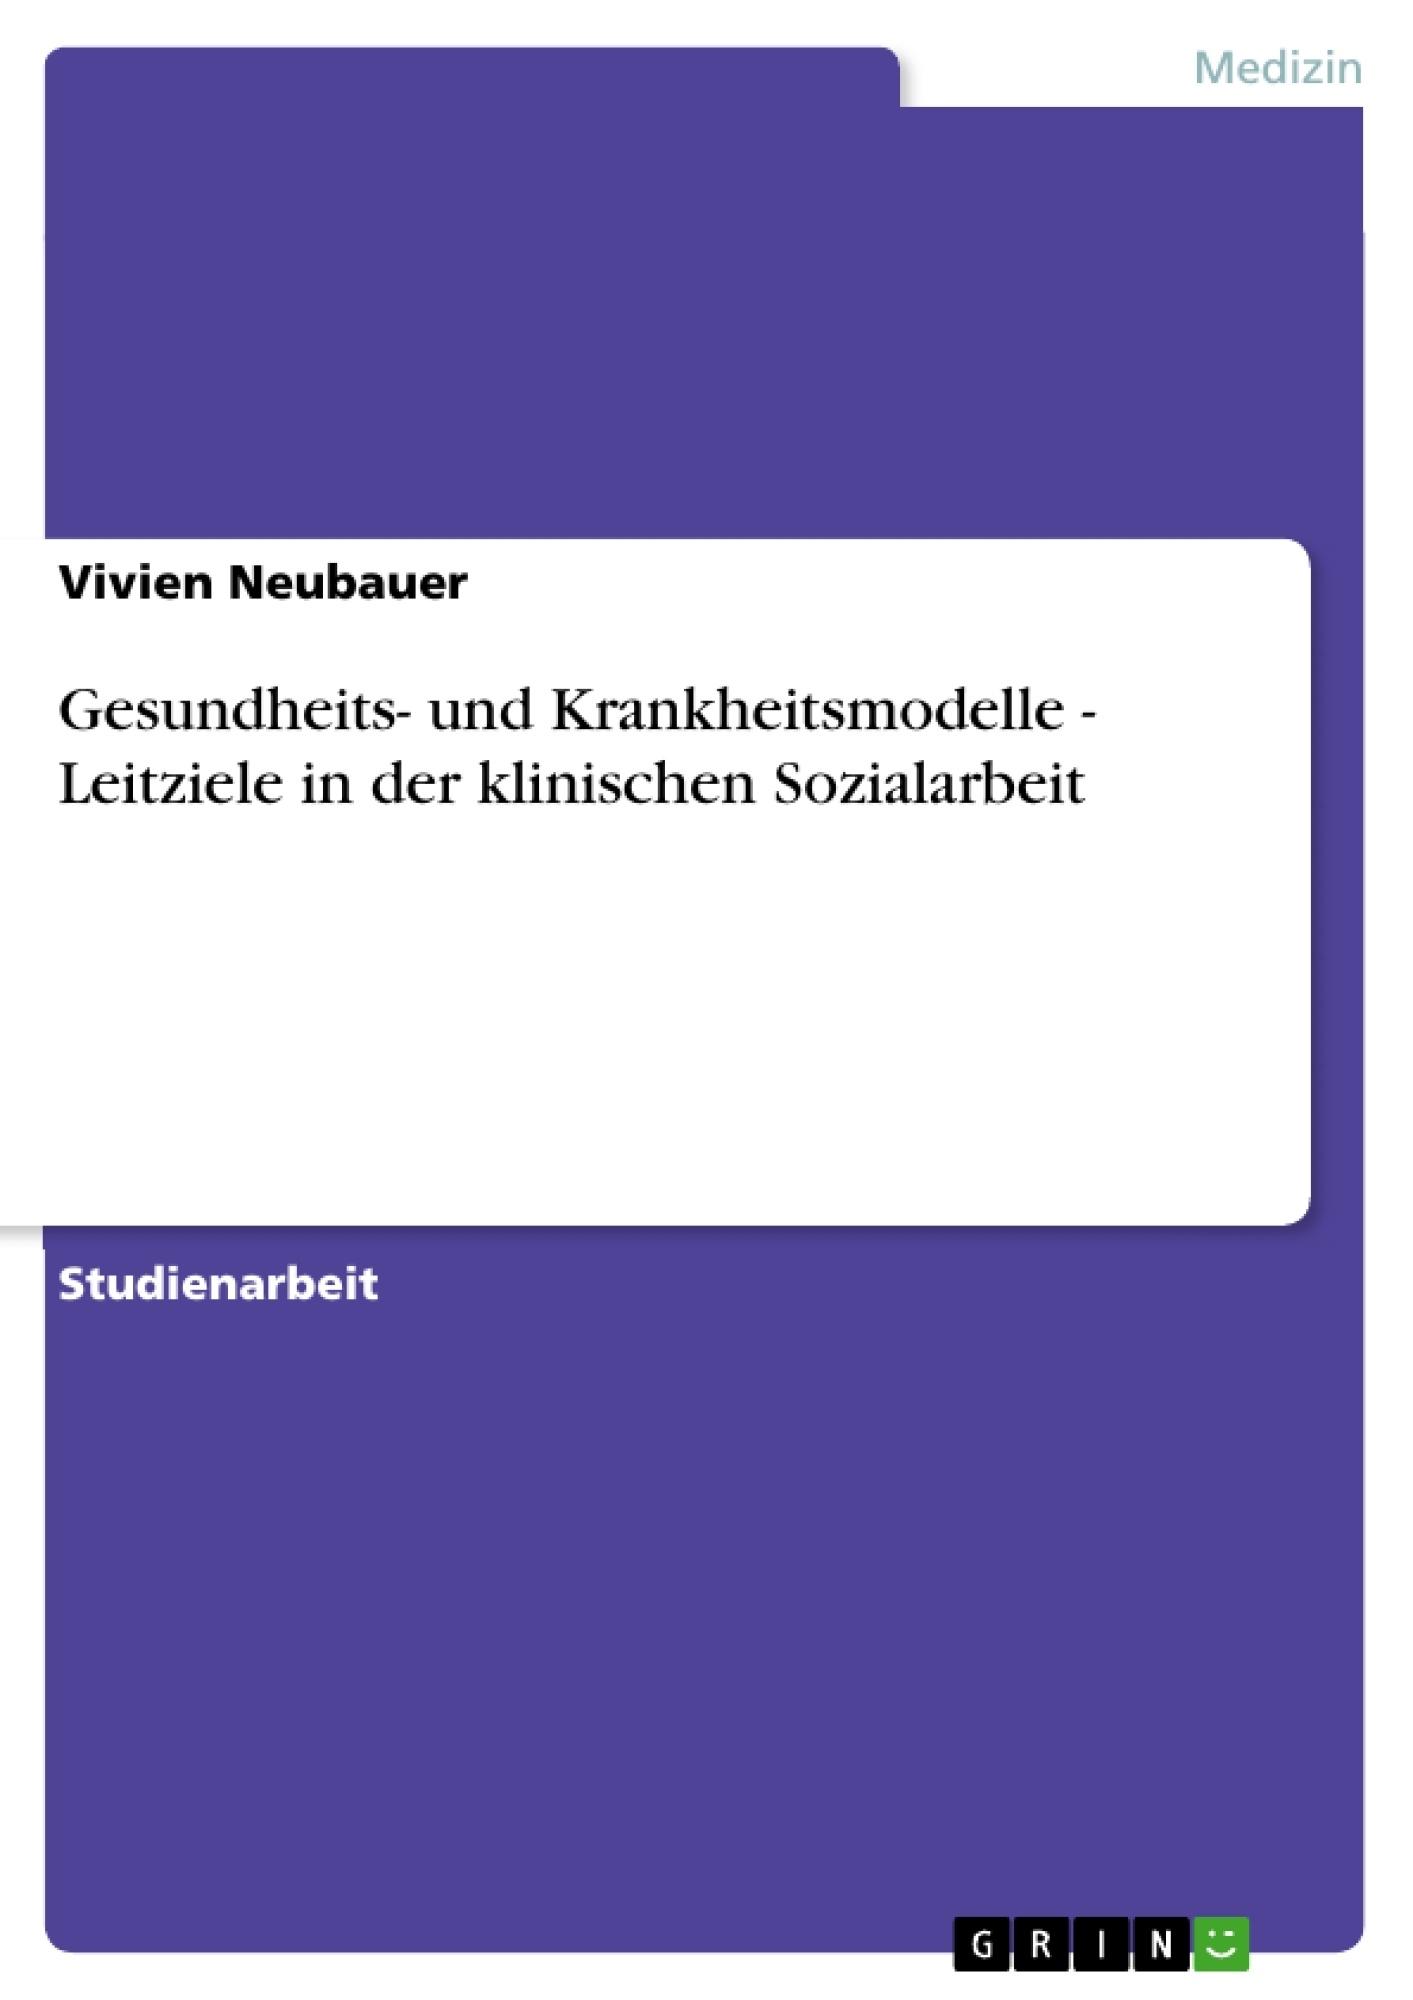 Titel: Gesundheits- und Krankheitsmodelle - Leitziele in der klinischen Sozialarbeit